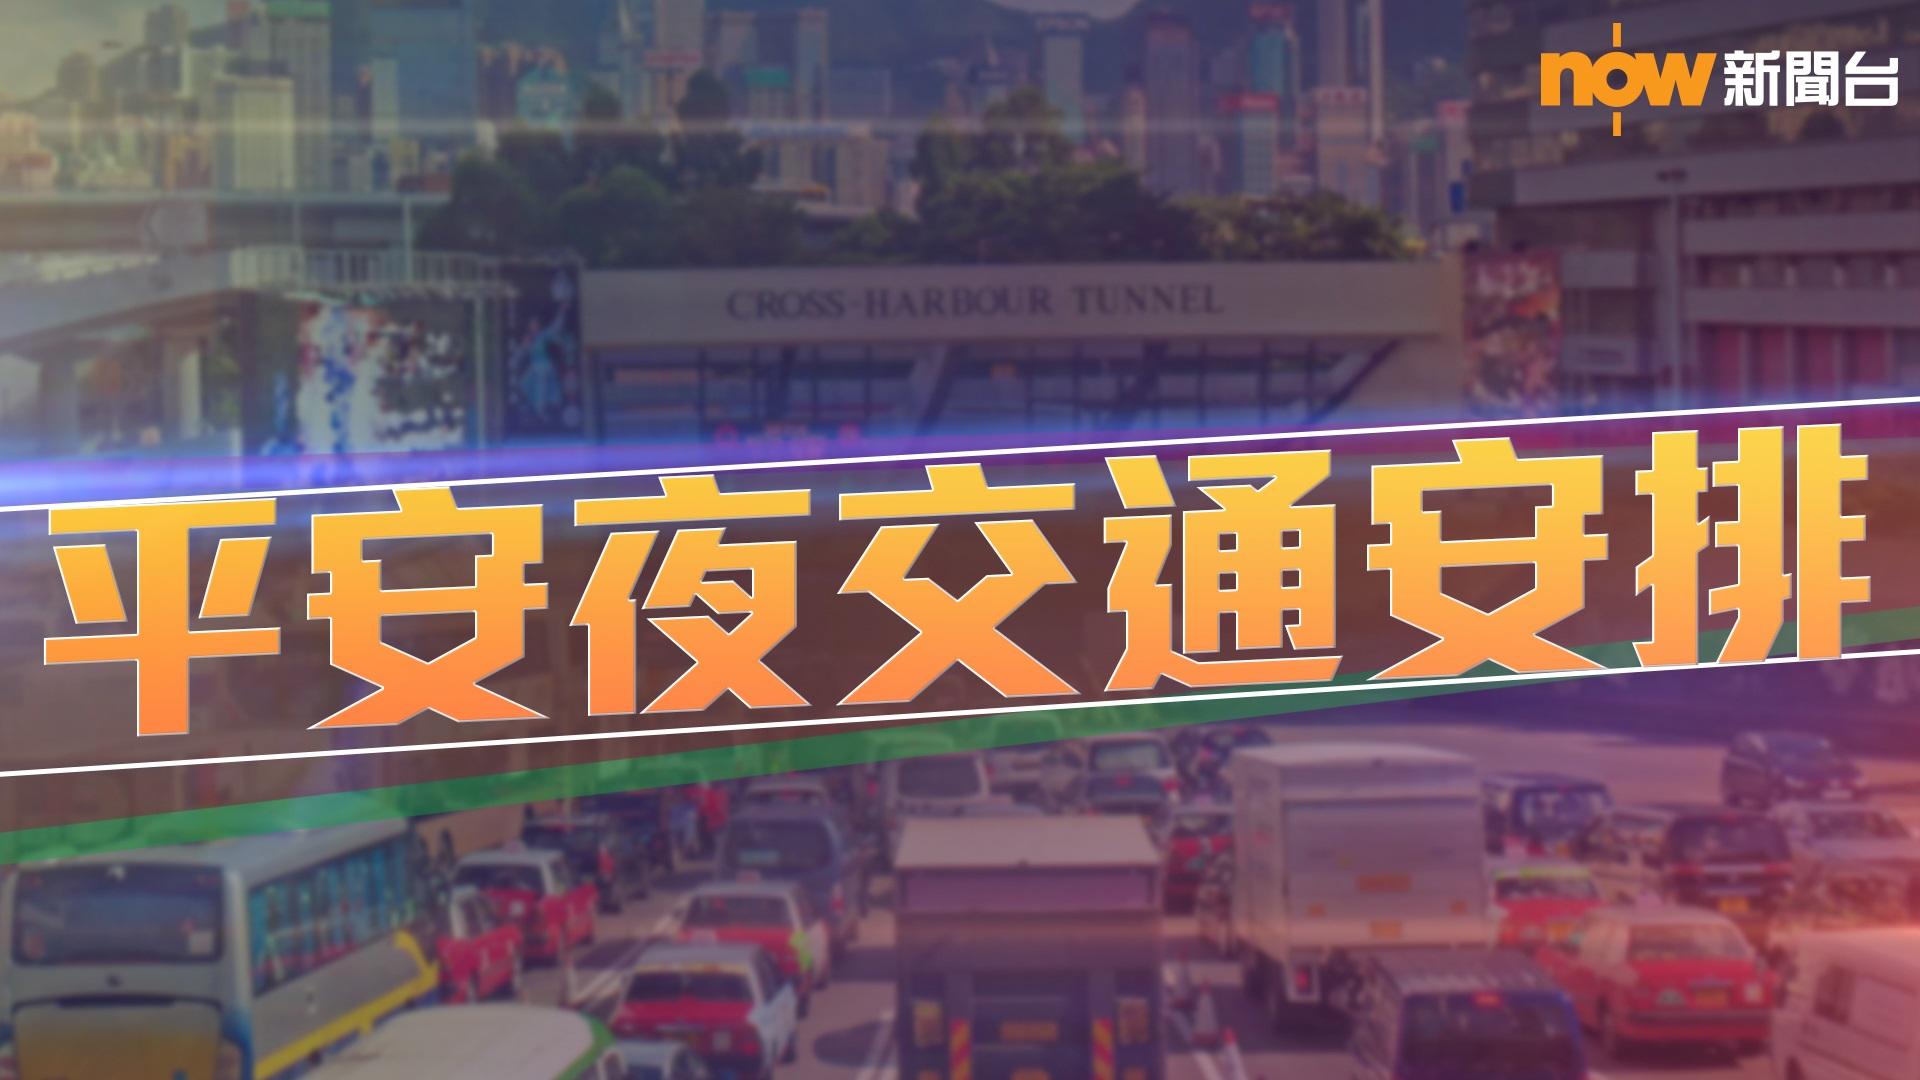 【一文睇晒】平安夜公共交通安排(23:55)